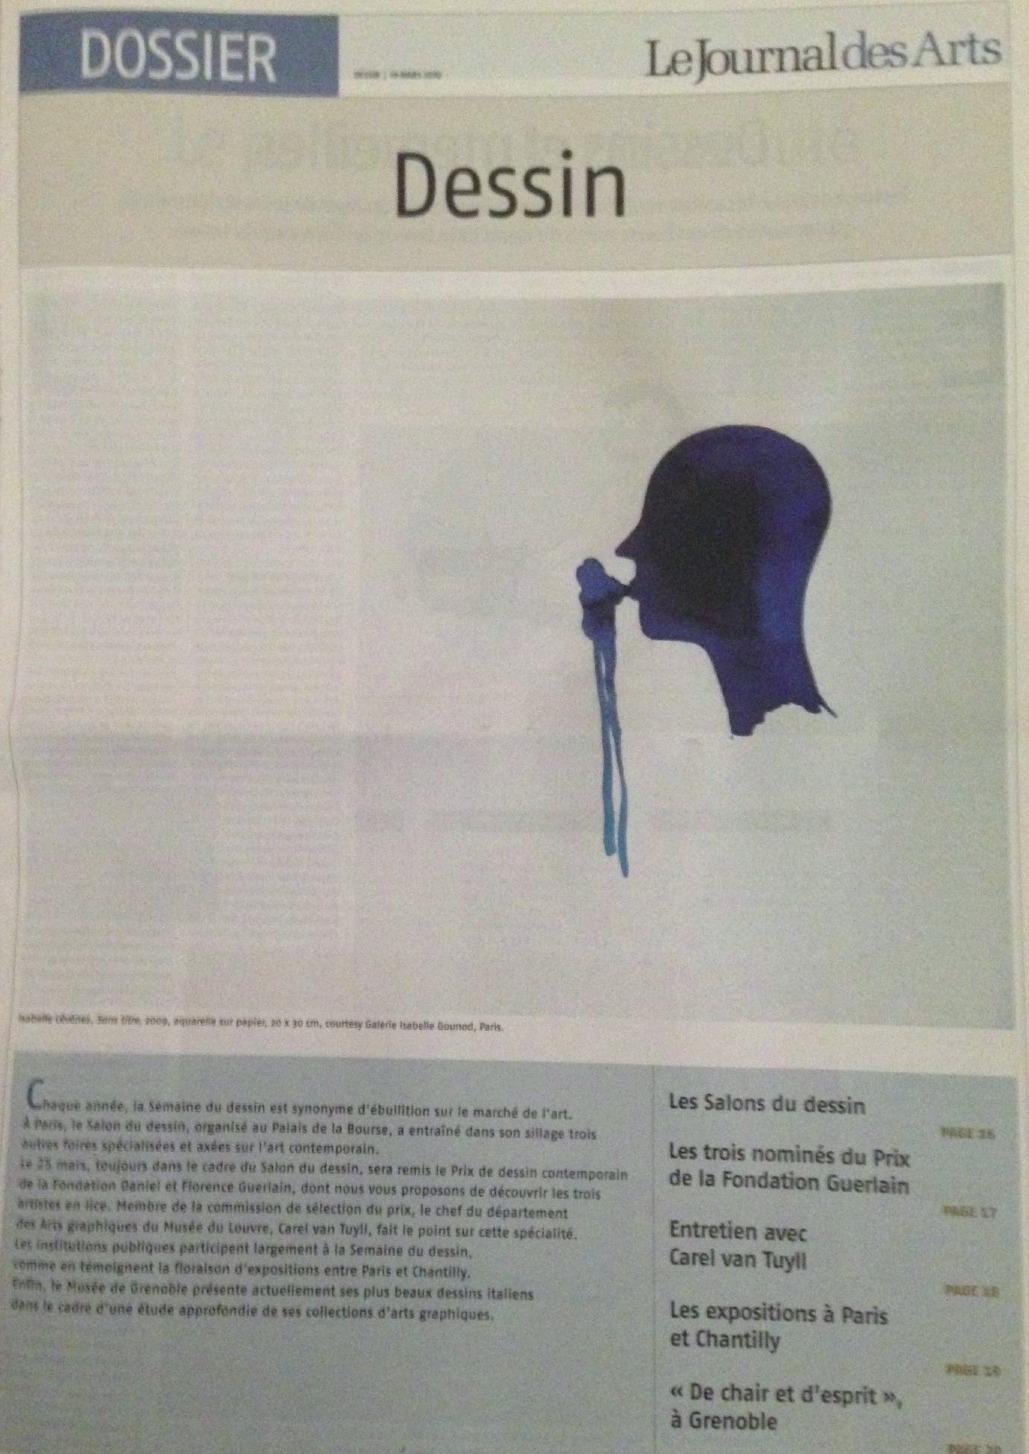 LE JOURNAL DES ARTS 2008